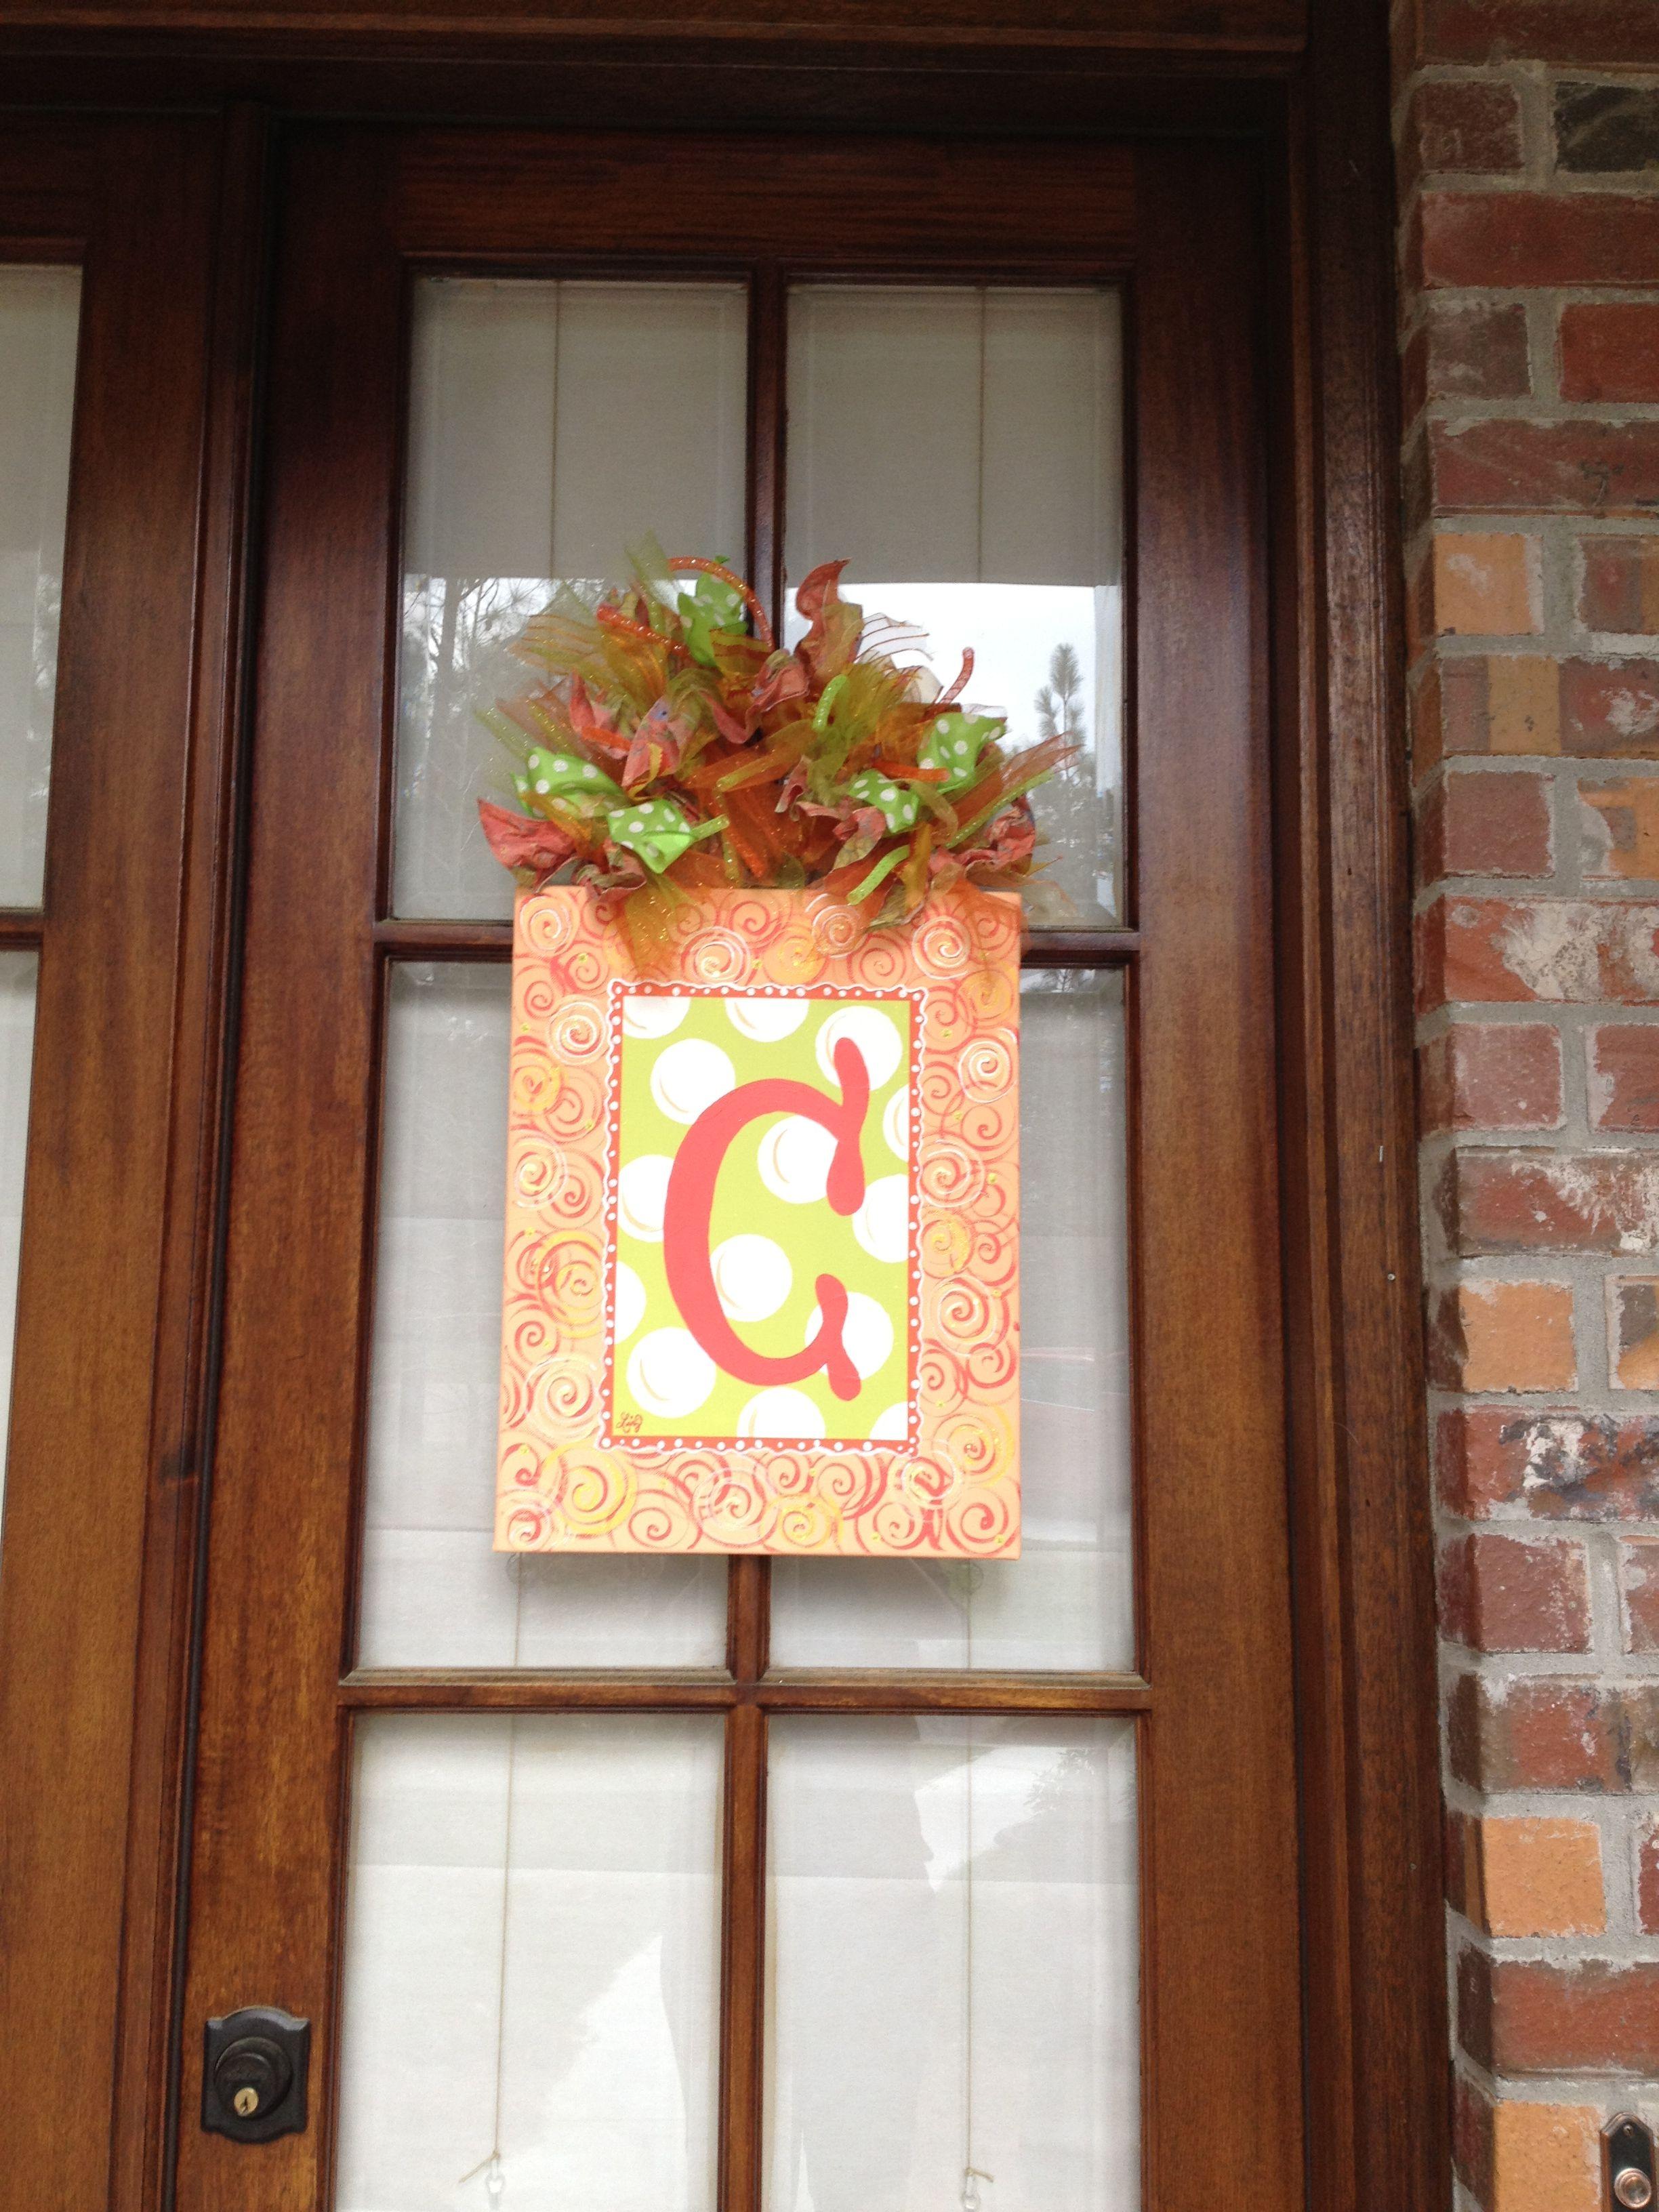 Monogram C Painted Door Hanger Painted Doors Door Decorations Holiday Decor